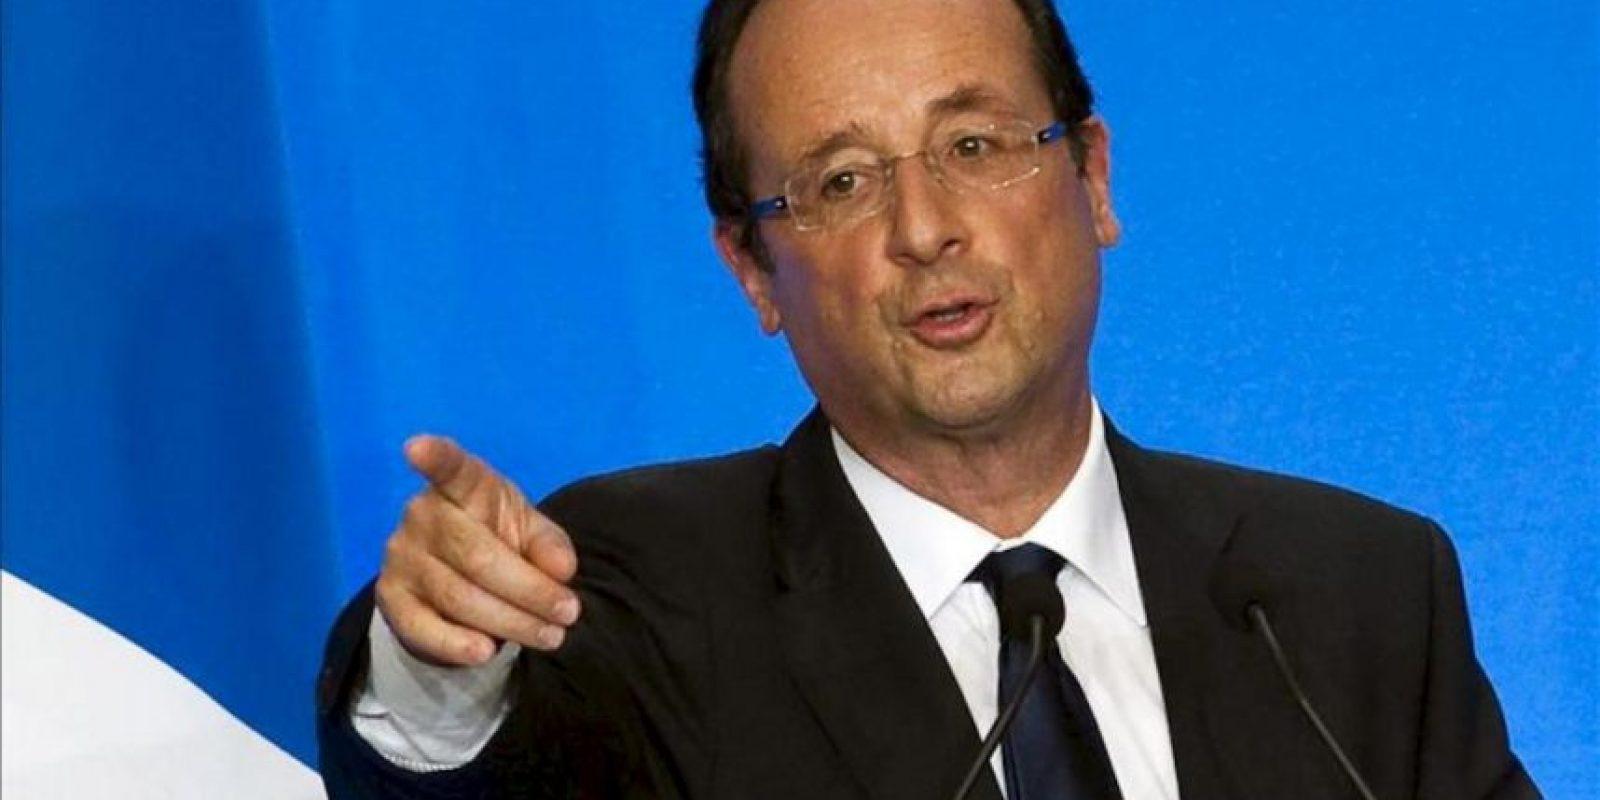 """El candidato socialista a la presidencia de Francia, François Hollande, reiteró hoy su intención de renegociar el pacto fiscal europeo y aseguró que la canciller alemana, Angela Merkel, """"no puede decidir por toda Europa"""". EFE/Archivo"""